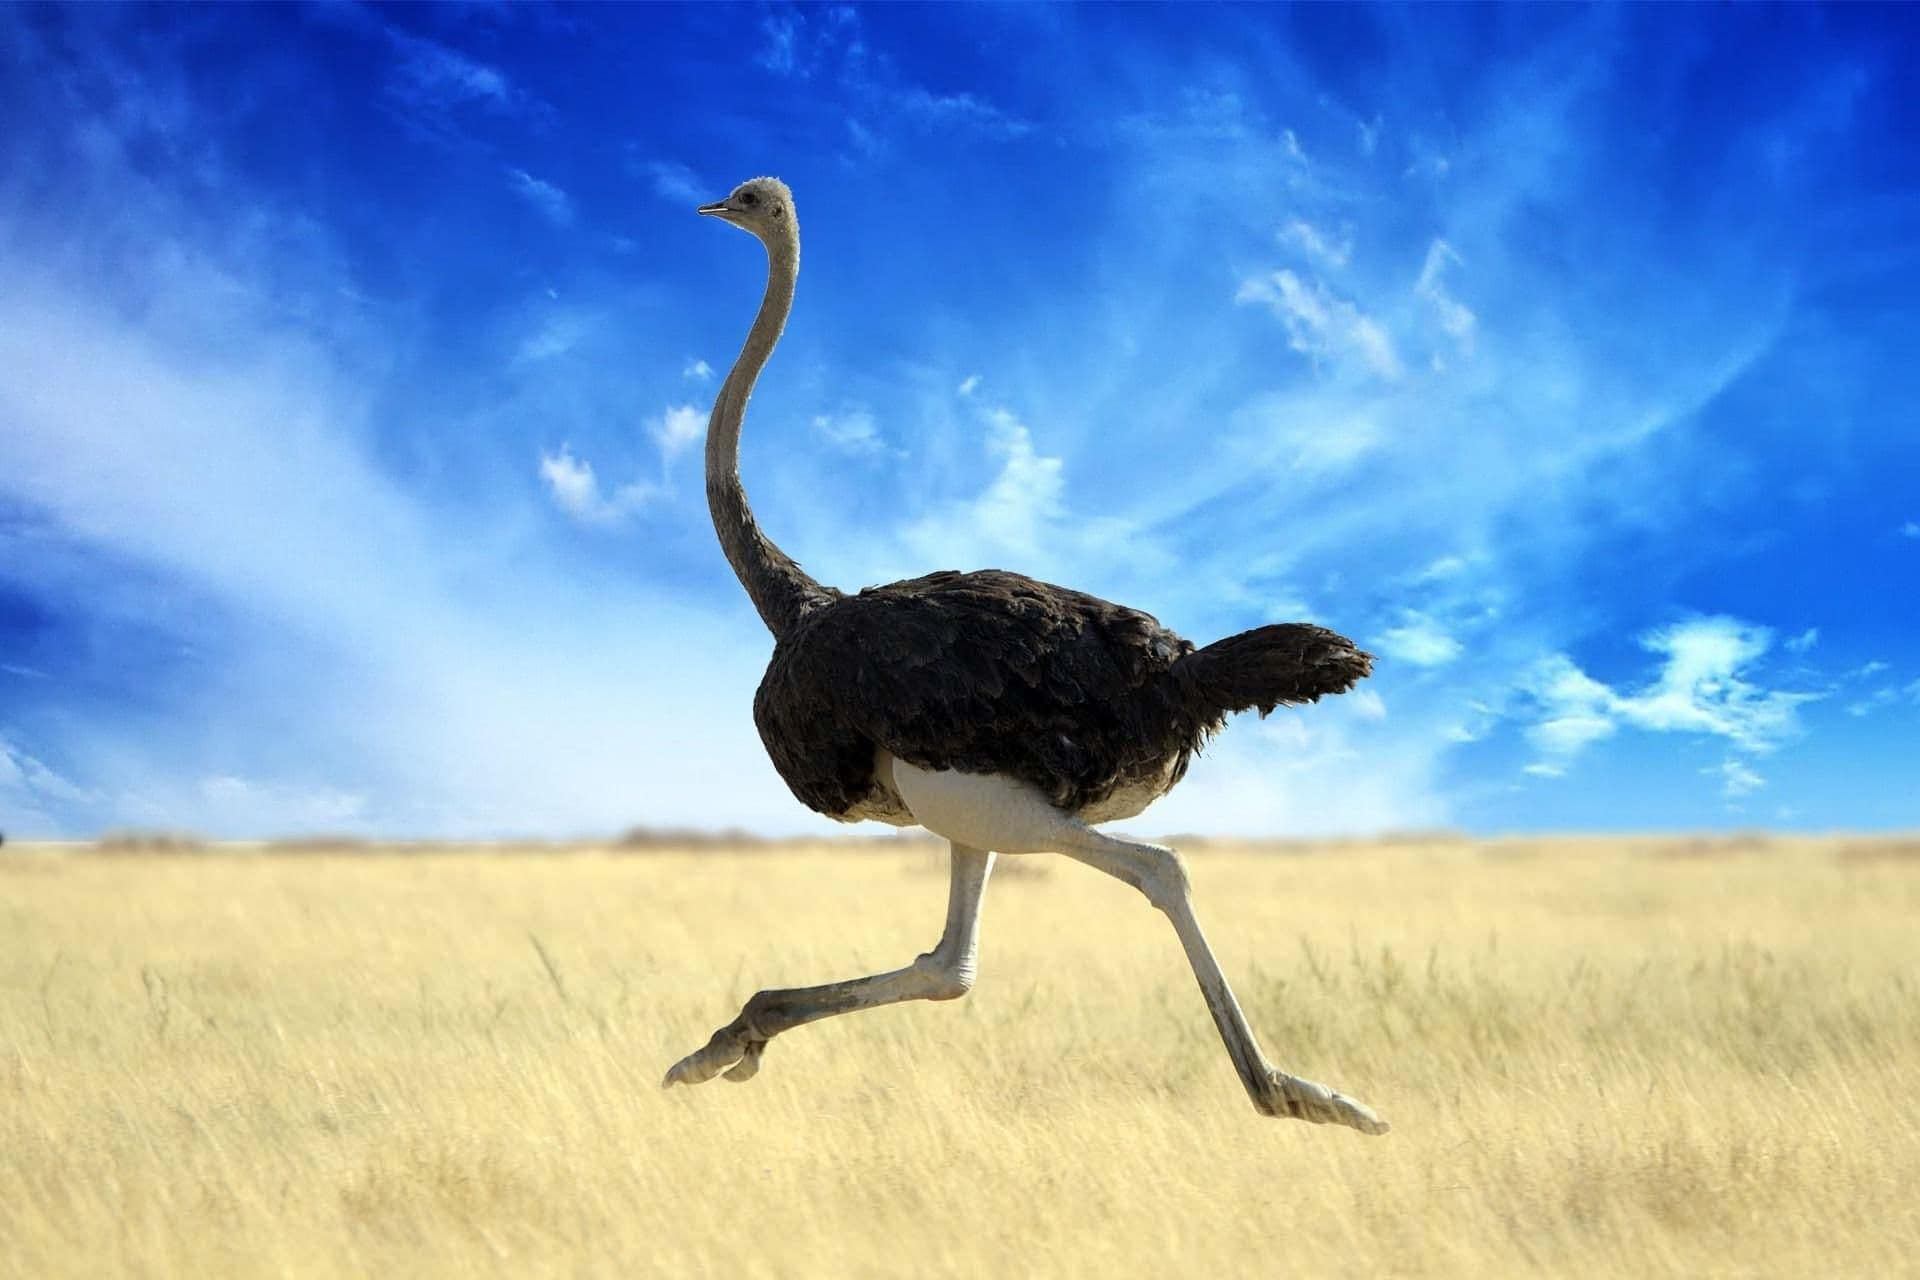 ostrich dream meaning, dream about ostrich, ostrich dream interpretation, seeing in a dream ostrich